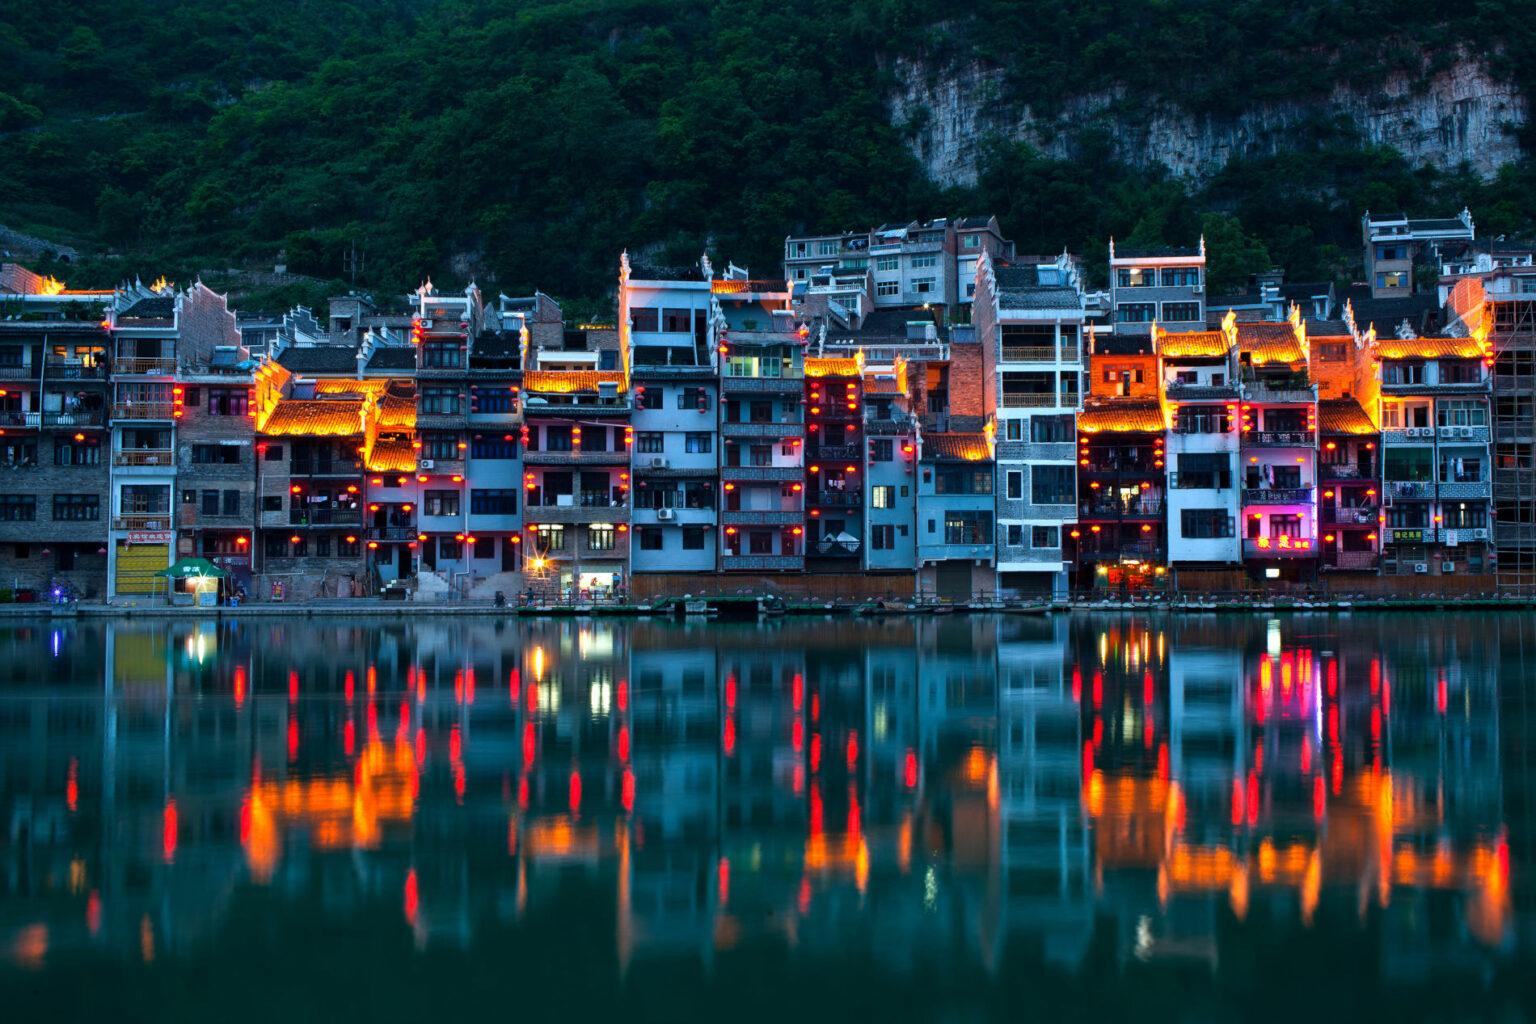 lake Zhenyuan